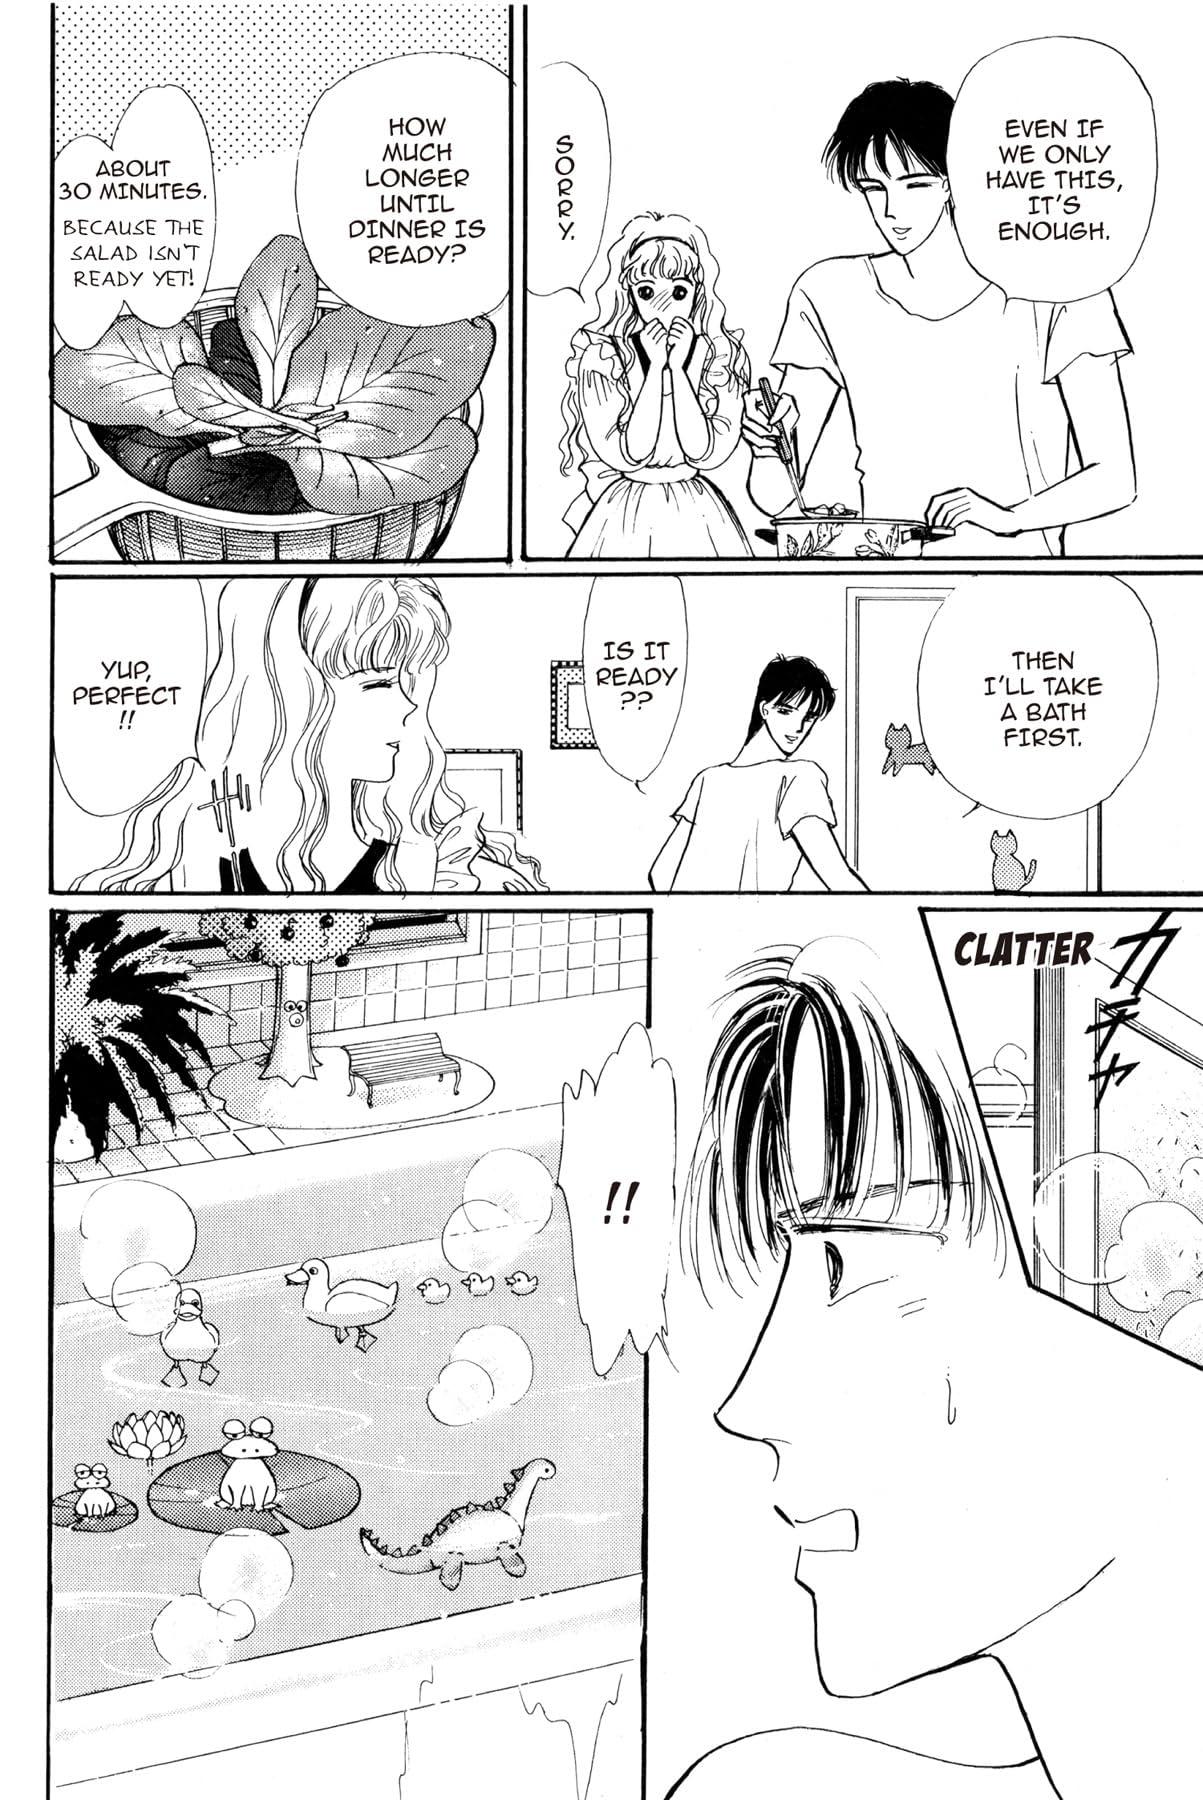 KYOKO SHIMAZU AUTHOR'S EDITION #14